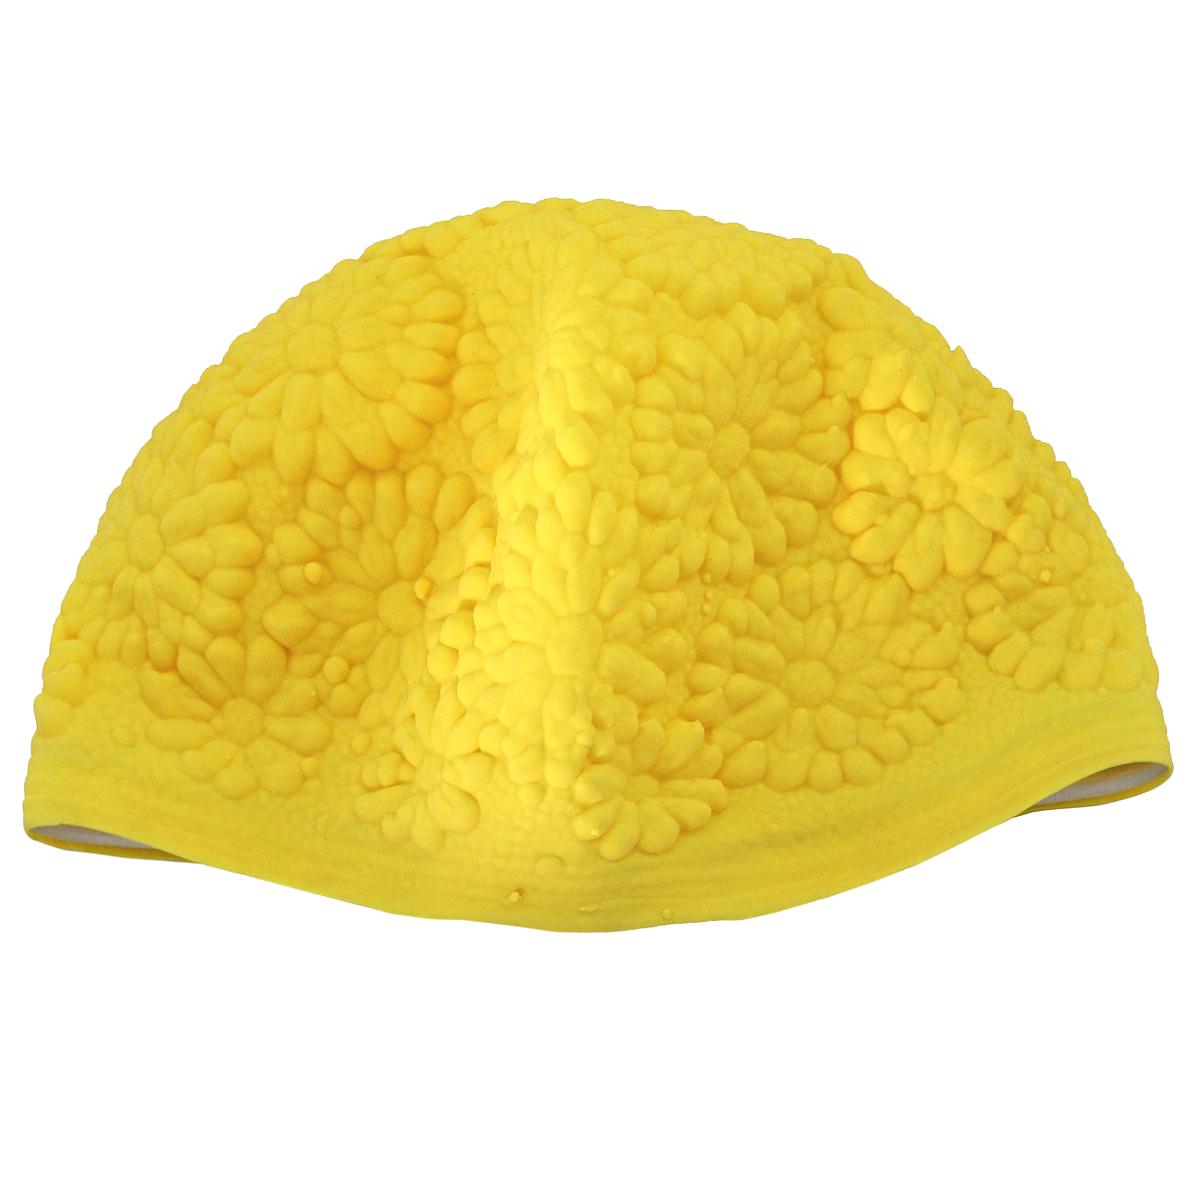 Шапочка для плавания MadWave Hawaii Chrysanthemum, женская, цвет: желтыйM0517 01 0 06WЛатексная шапочка для плавания MadWave Hawaii Chrysanthemum декорирована цветочным рельефом. Имеет превосходную эластичность и высокий уровень комфорта. Высококачественный материал обеспечивает долгий срок службы. Пузырьковая поверхность уменьшает площадь соприкосновения с волосами. Обхват головы: 53 см.